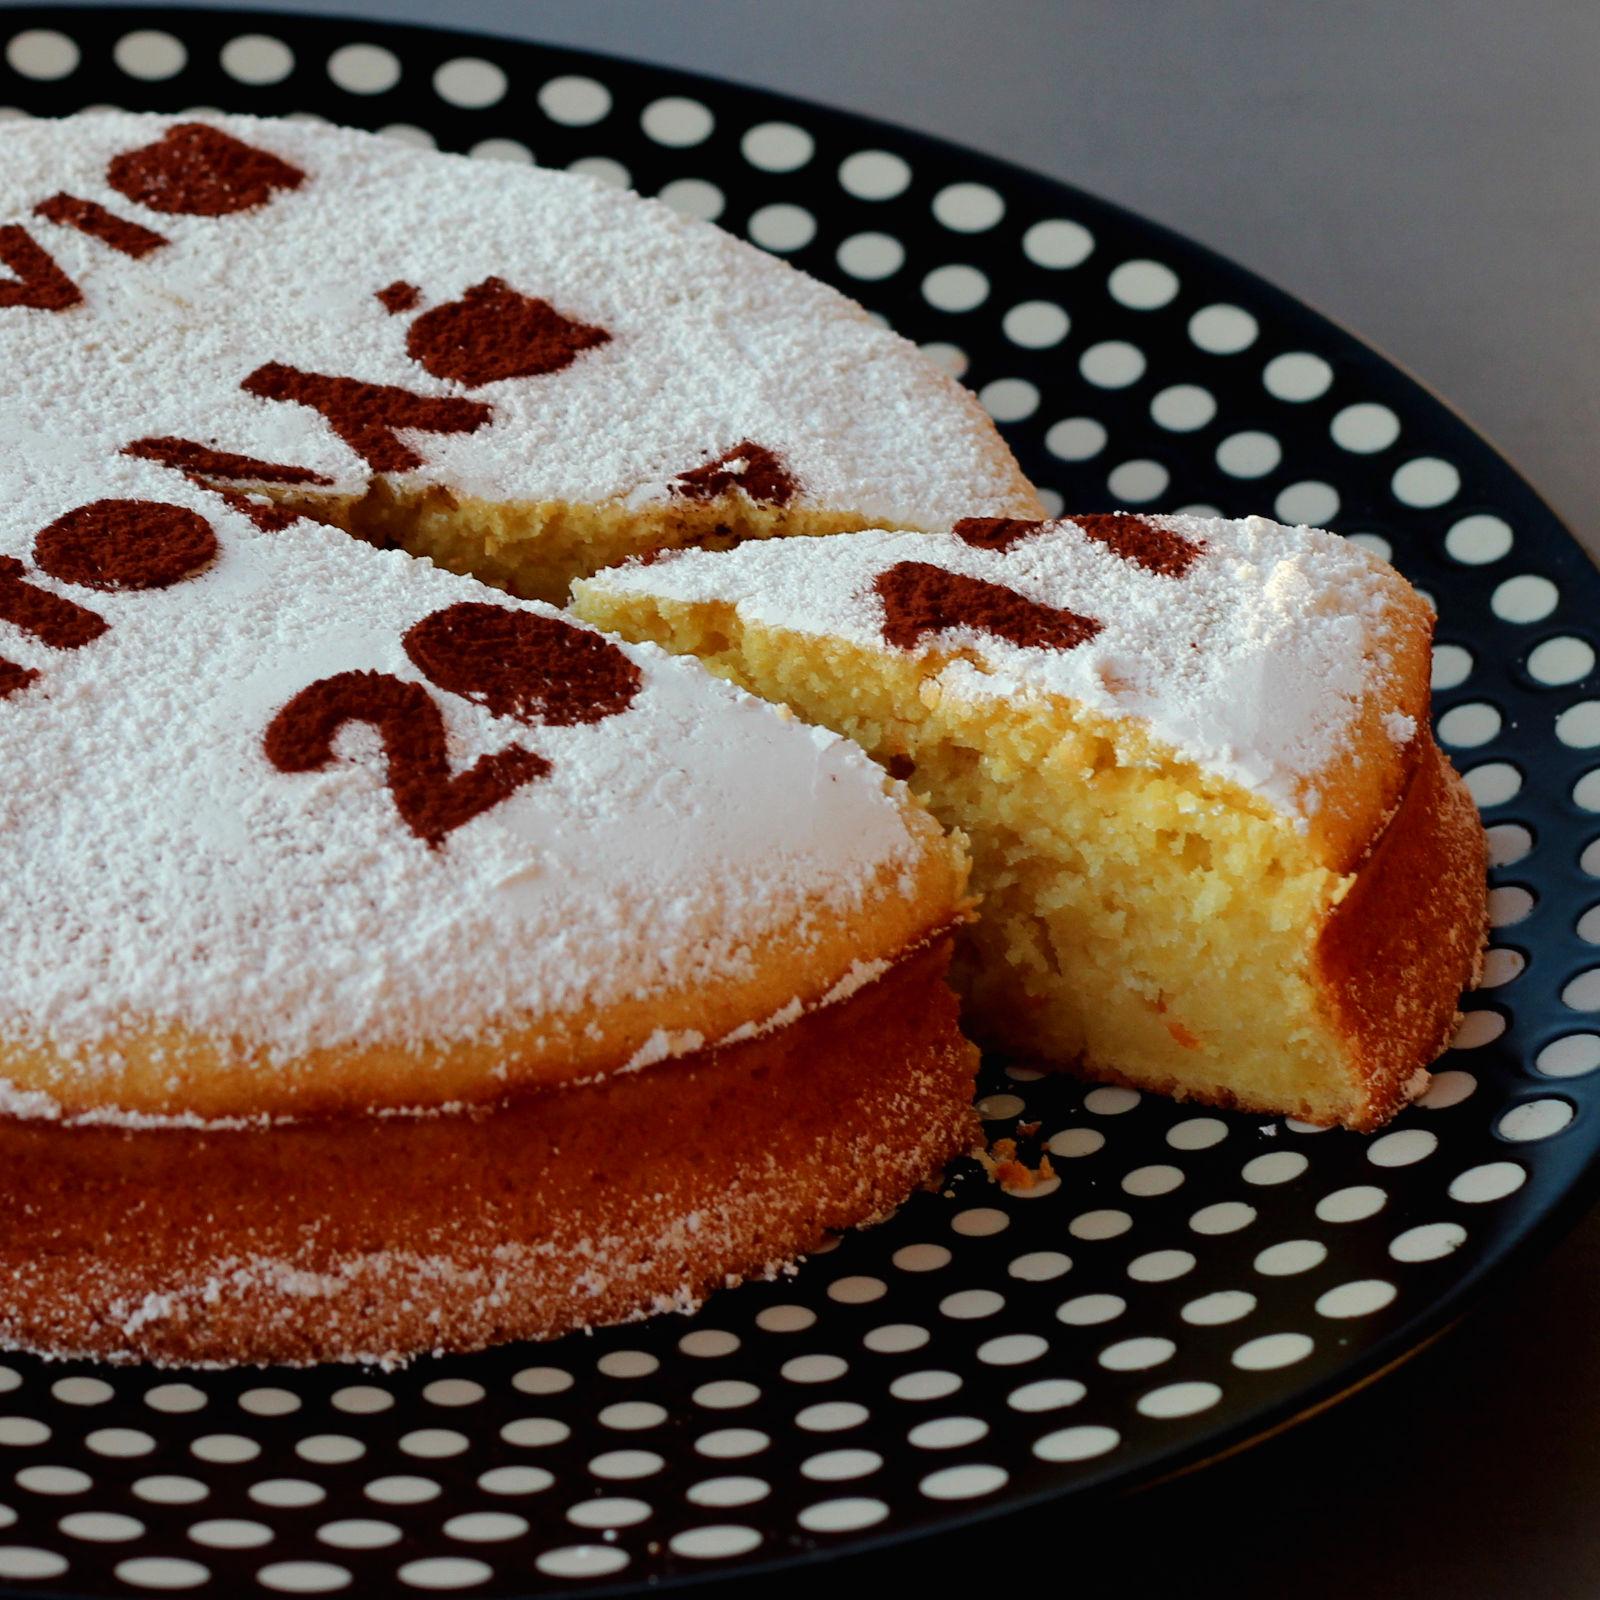 Vassilopita, dessert for the New Year